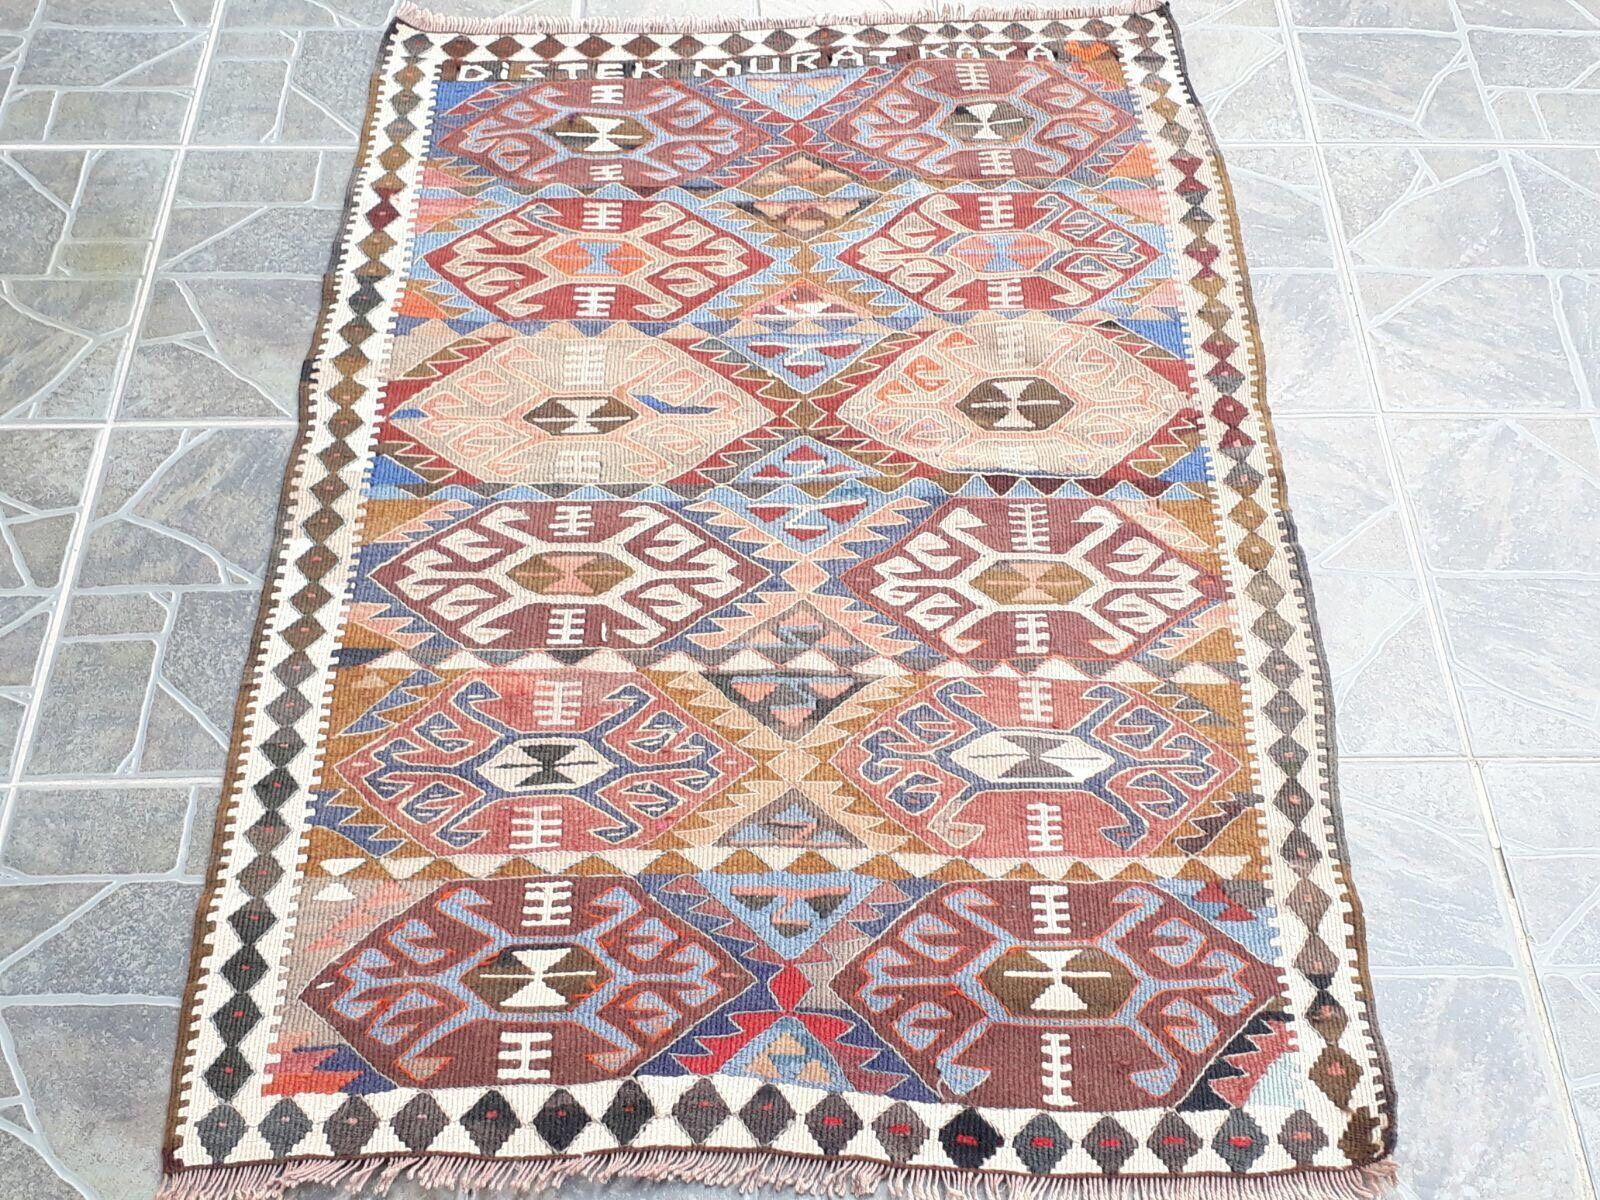 tapis turc kilim rugfree expdition vintage turc kilim tapis tapis kilim turc kilim tapis couleur tapis - Tapis Kilim